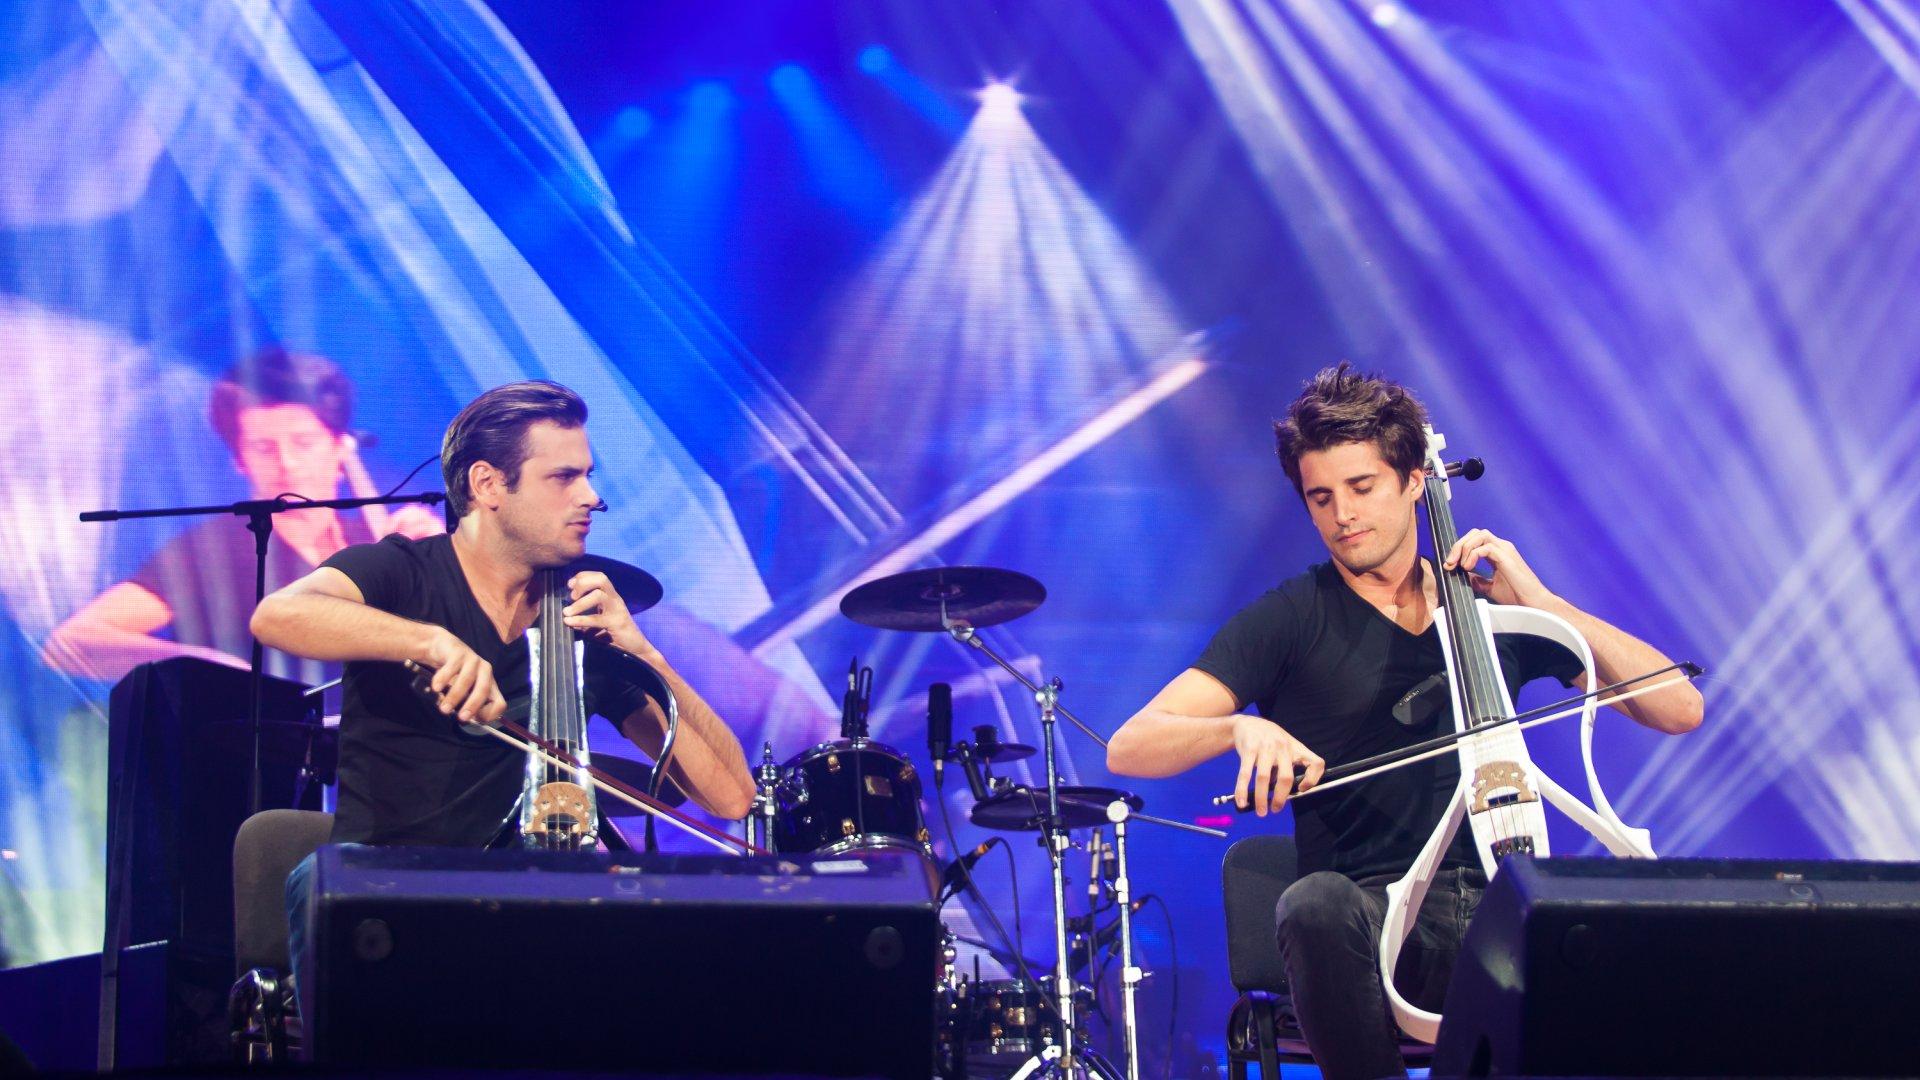 2Cellos - Muzika nabíjející energií